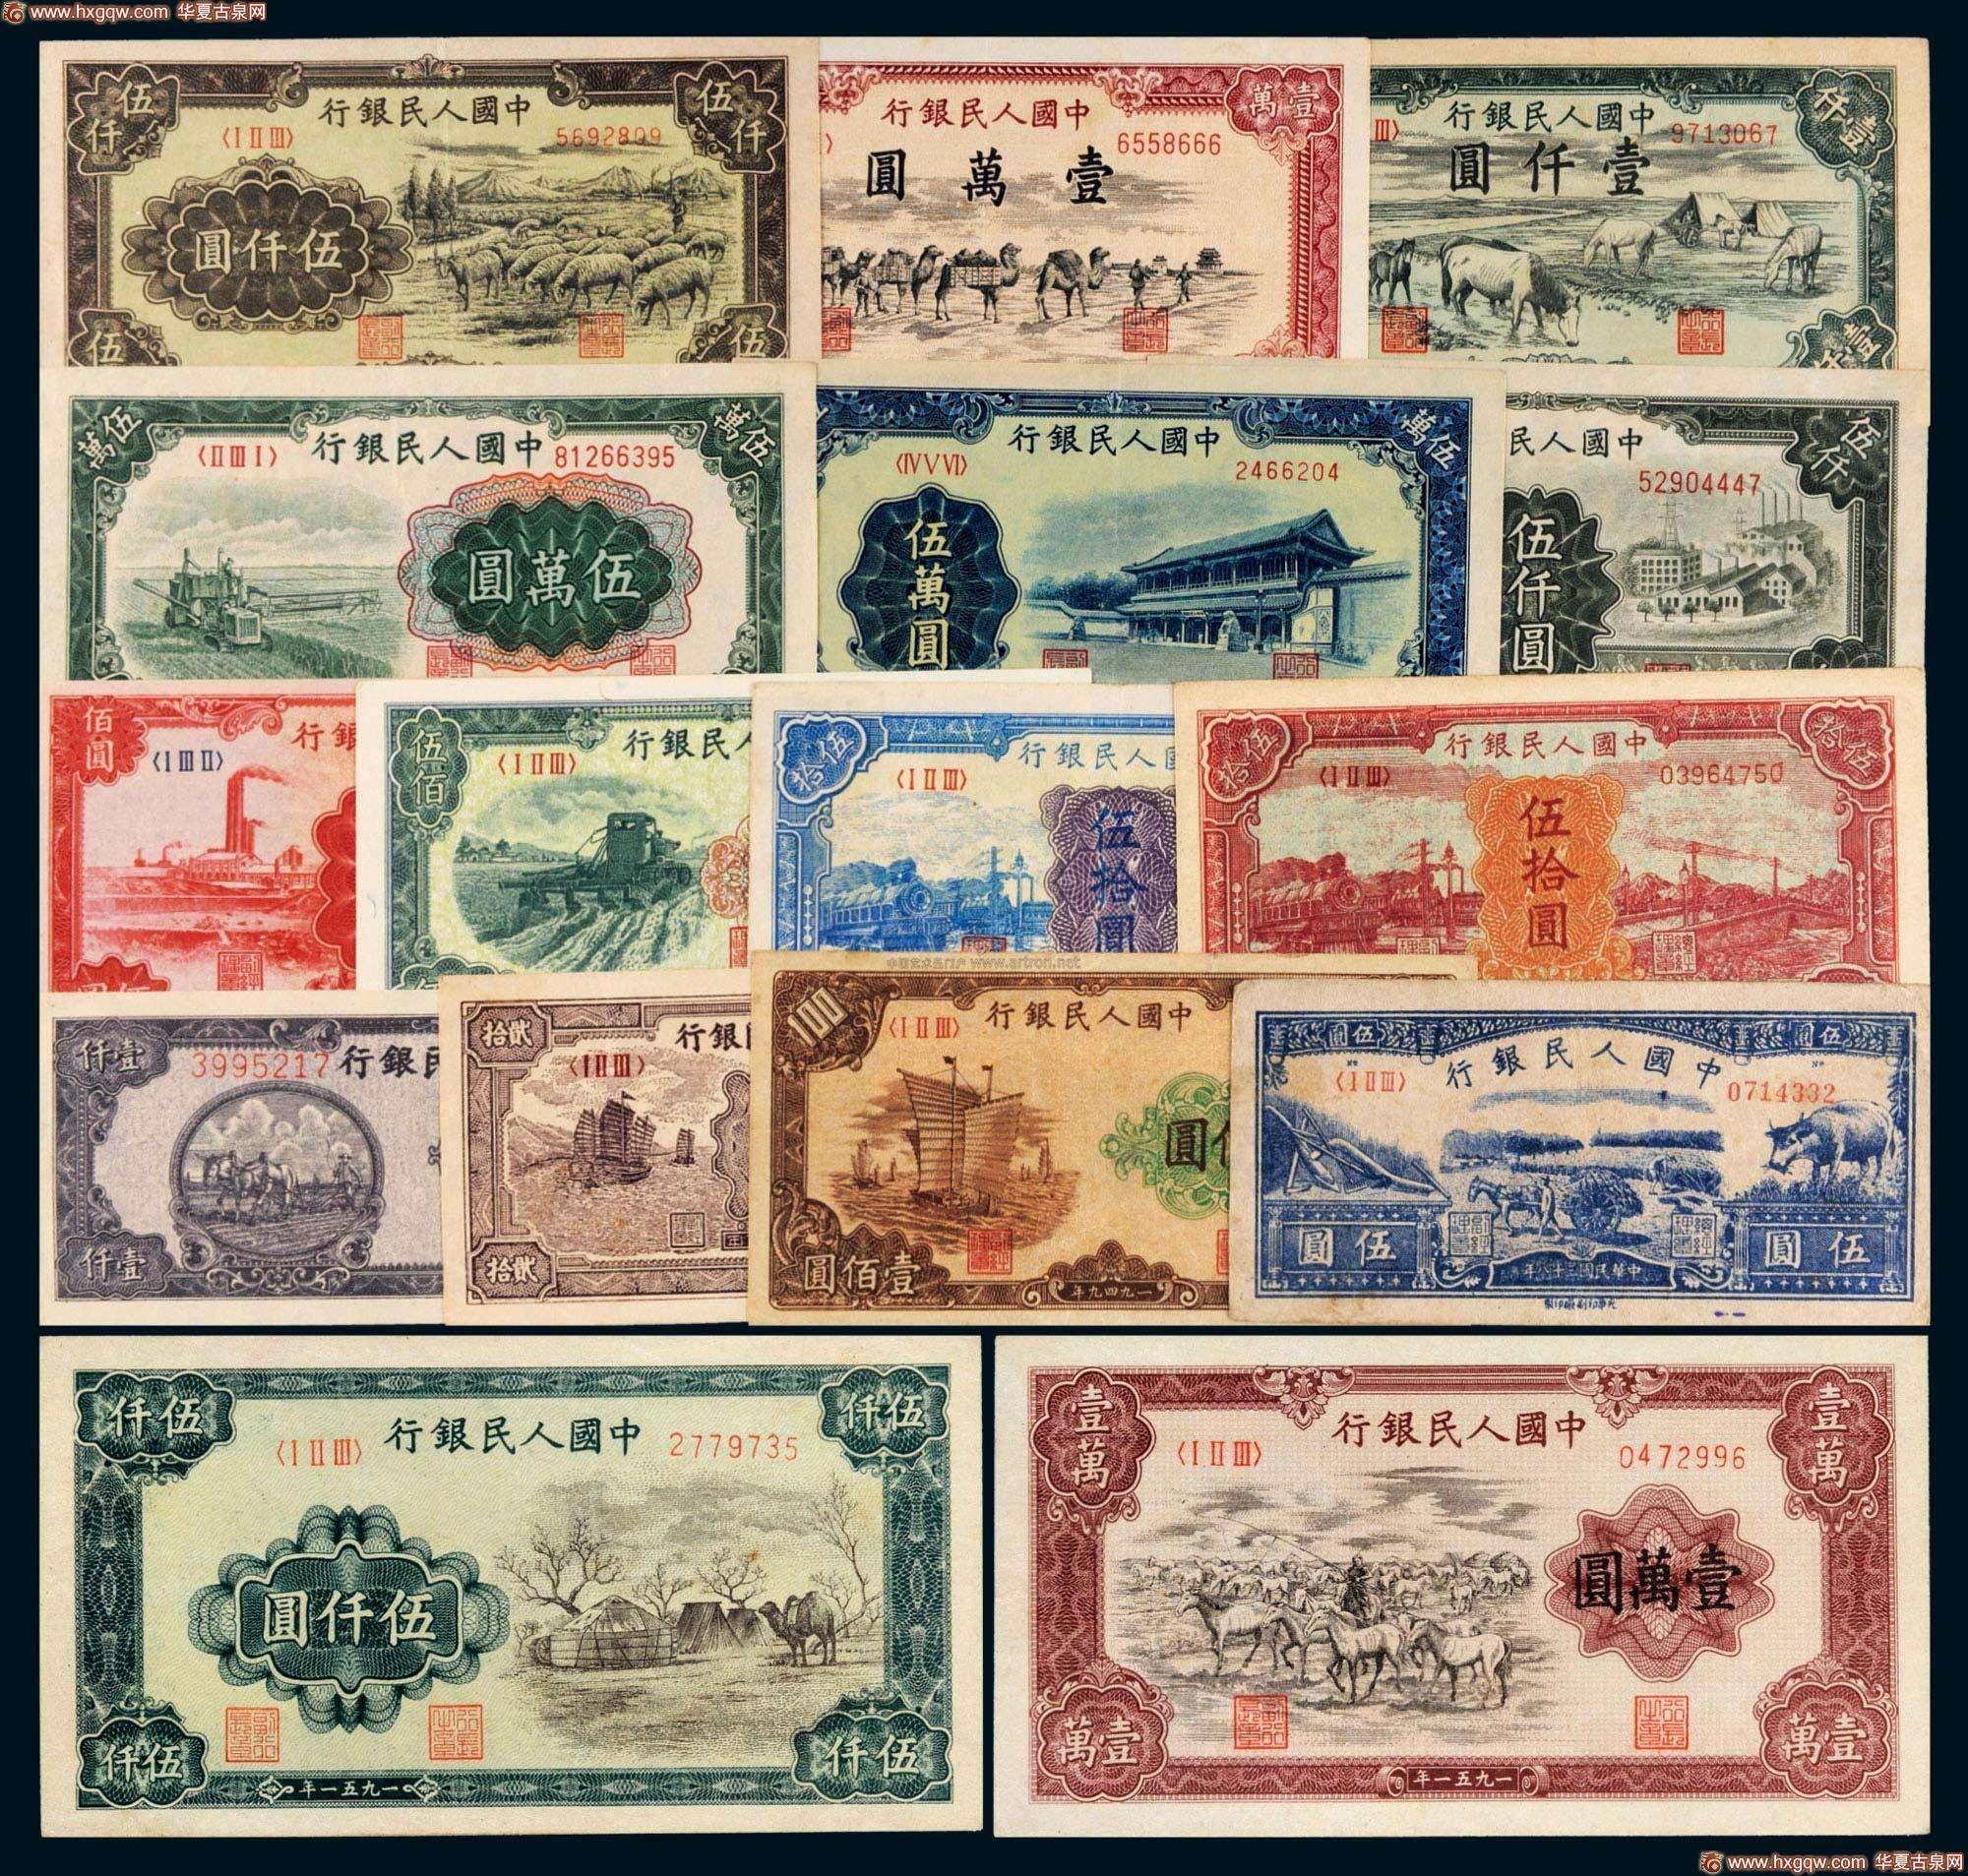 老钱币回收现在值多少钱吗?